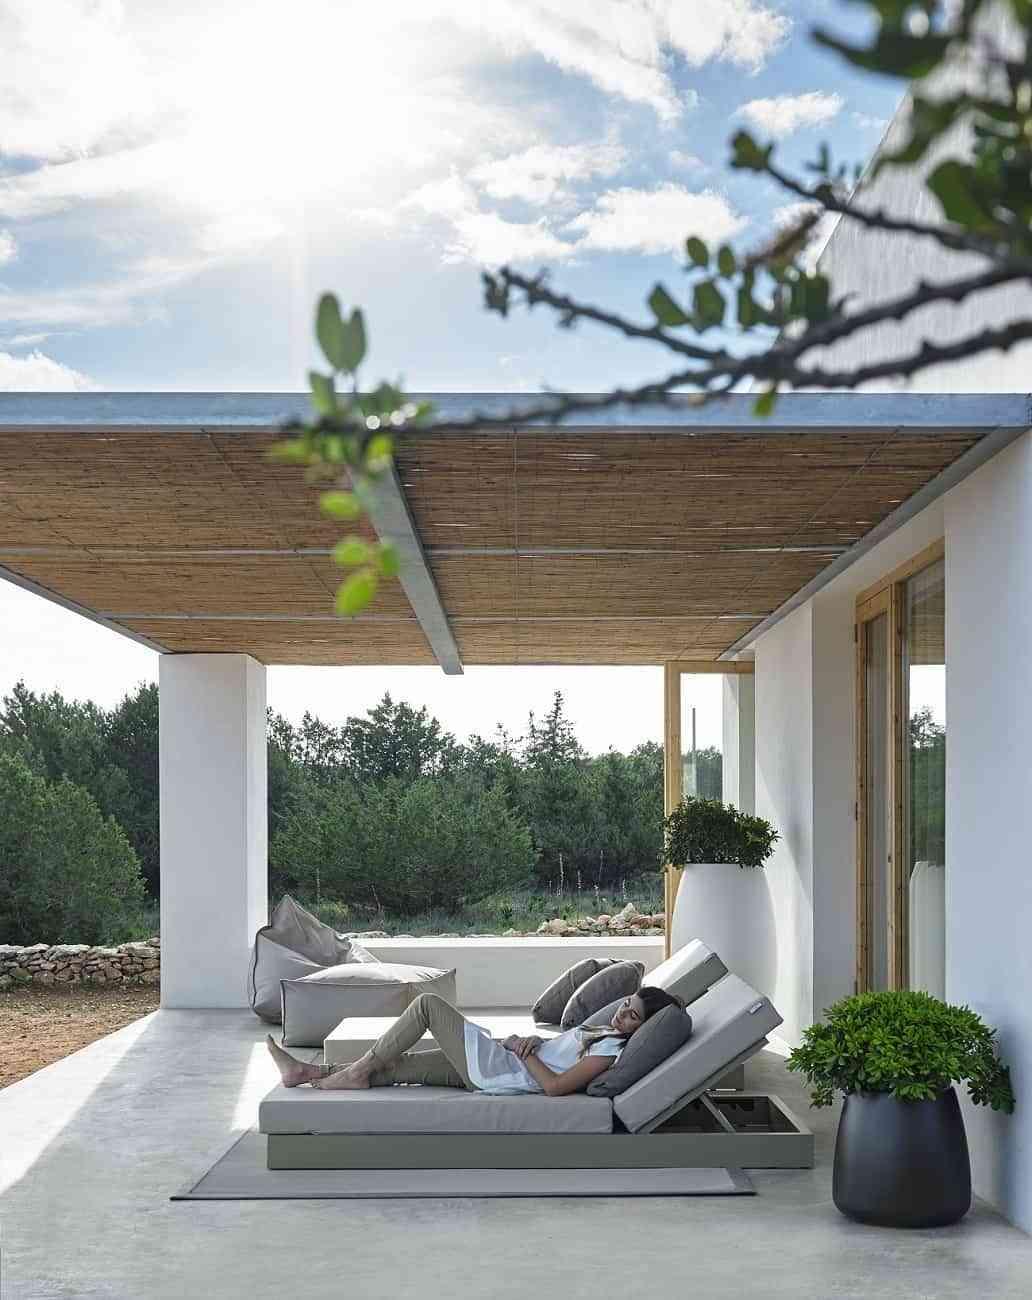 Cama de diseño Chill para un descanso a la Mediterránea 2